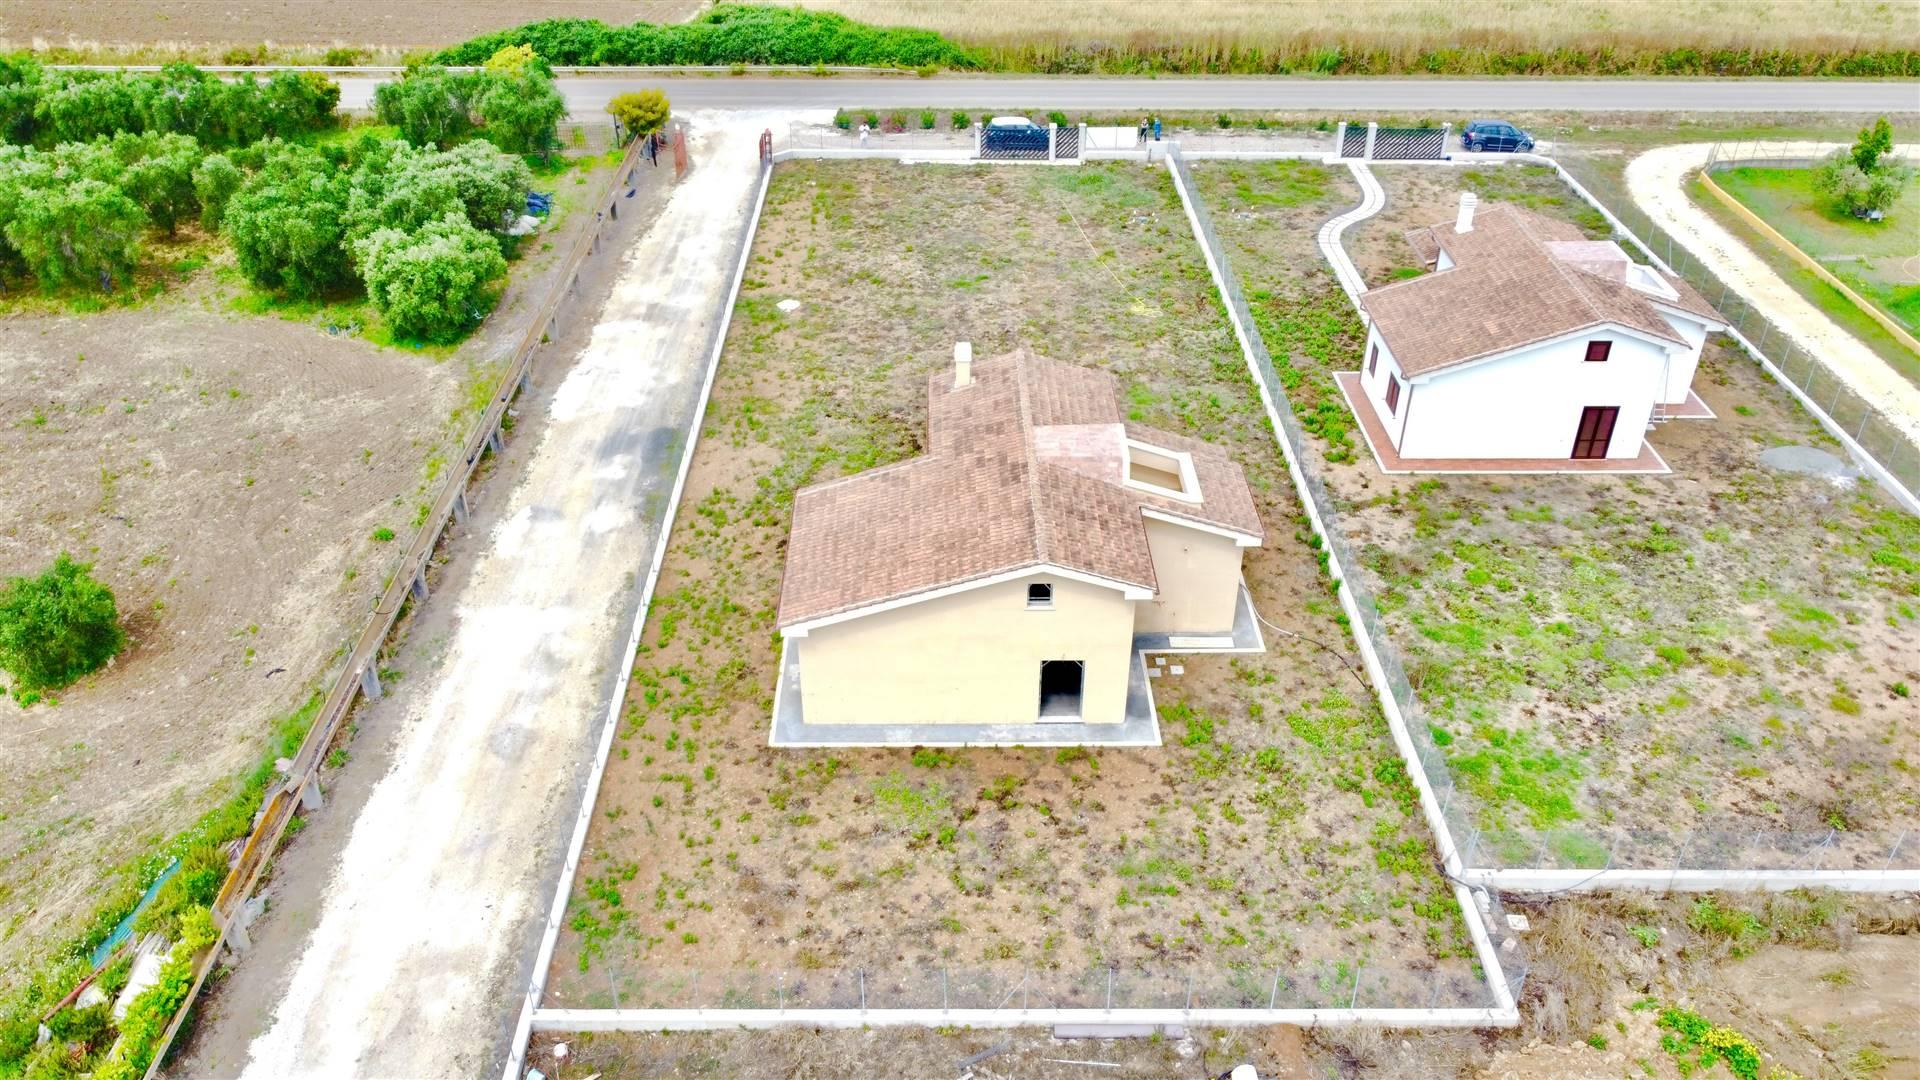 Villa in vendita a Civitavecchia, 7 locali, prezzo € 310.000 | CambioCasa.it